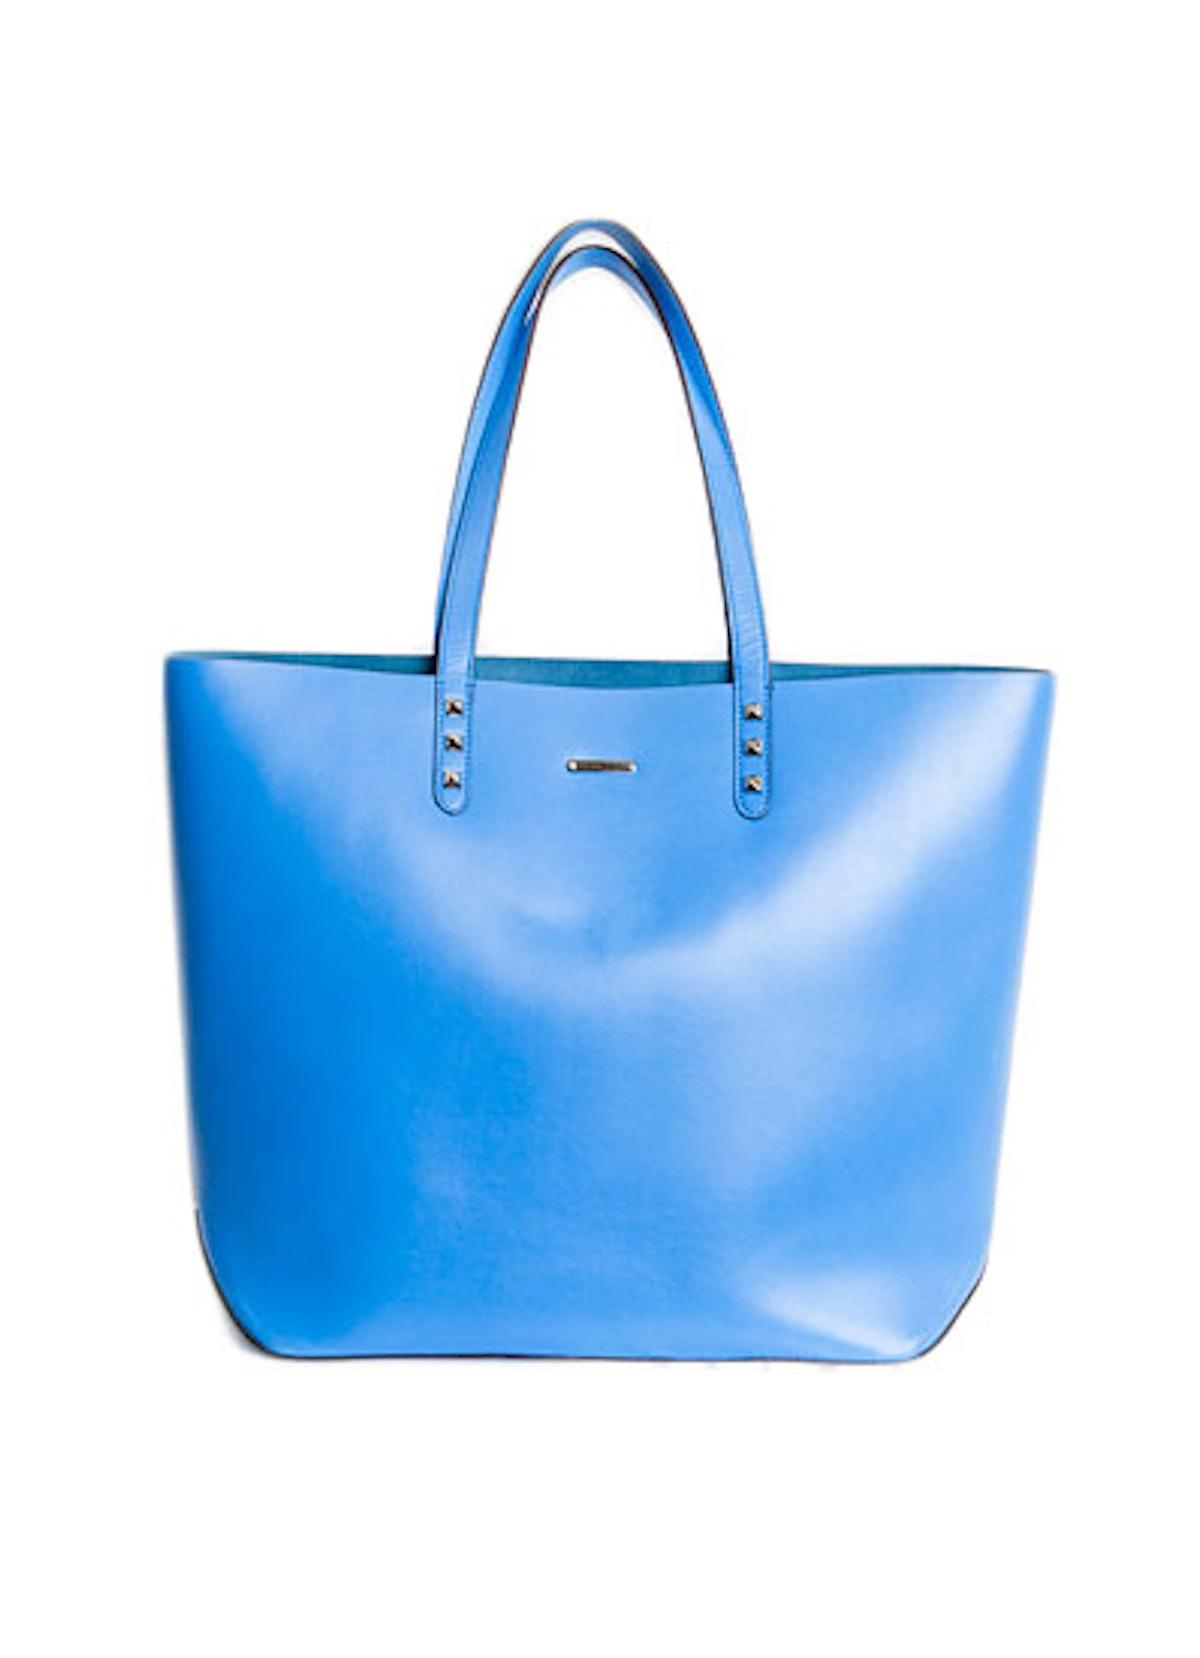 acss-designer-tote-bags-07-v.jpg